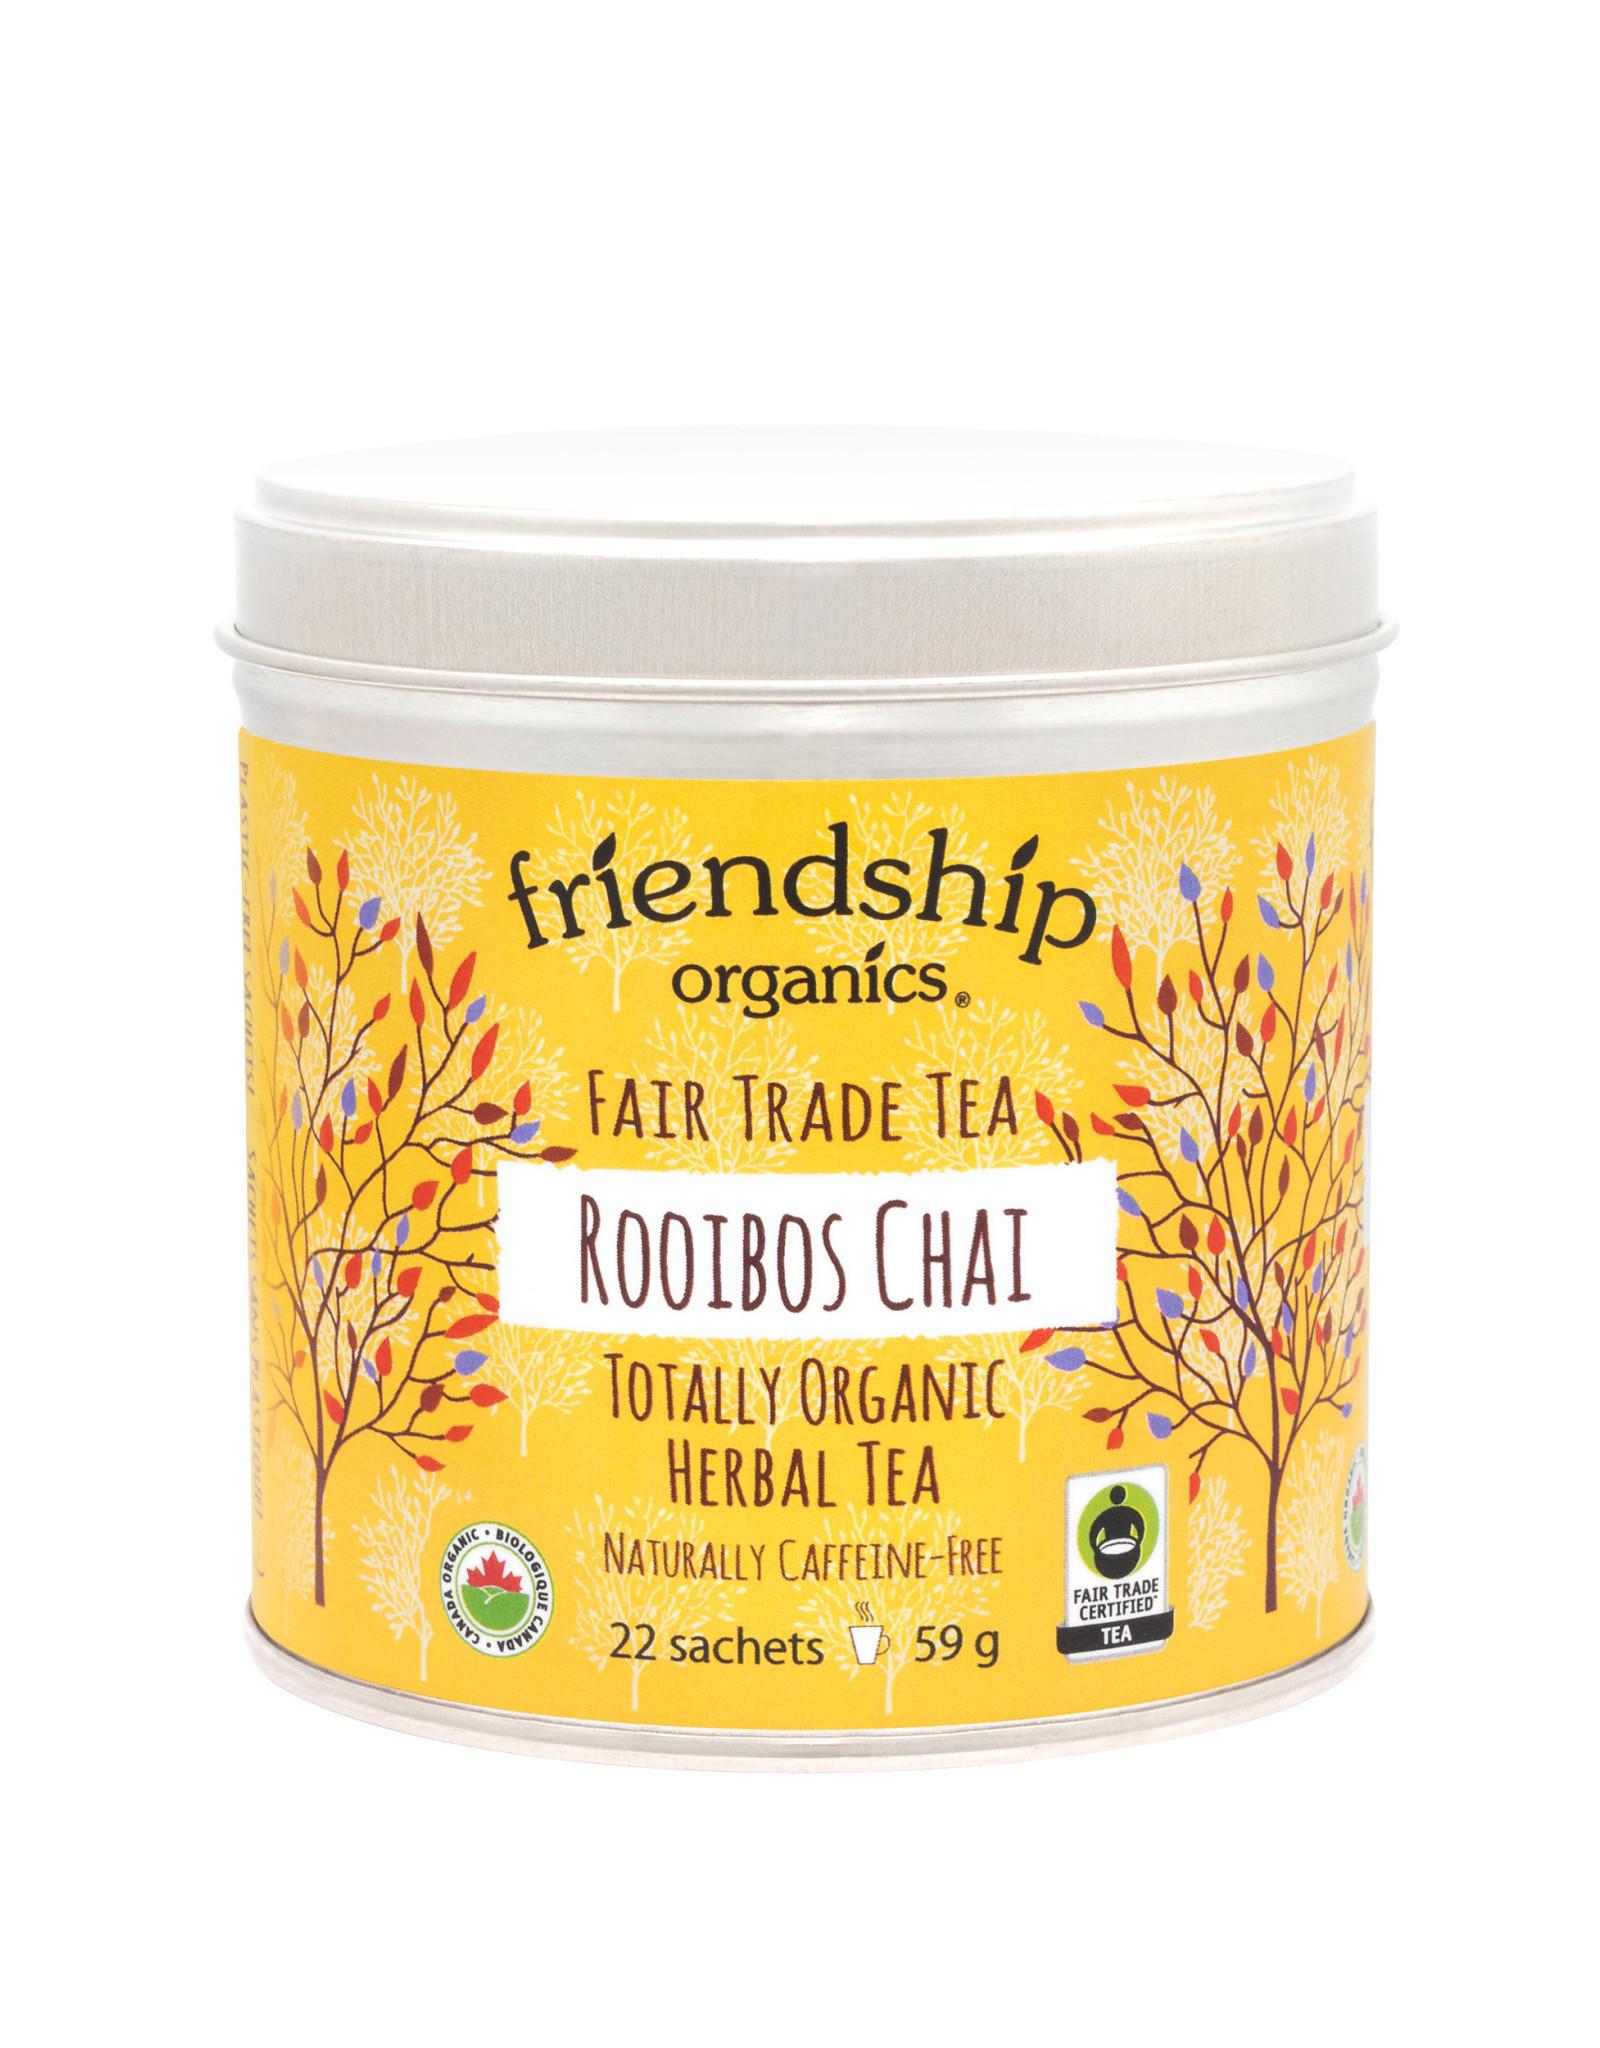 Friendship Organics Tea Friendship Rooibos Chai 59g 22 sachets